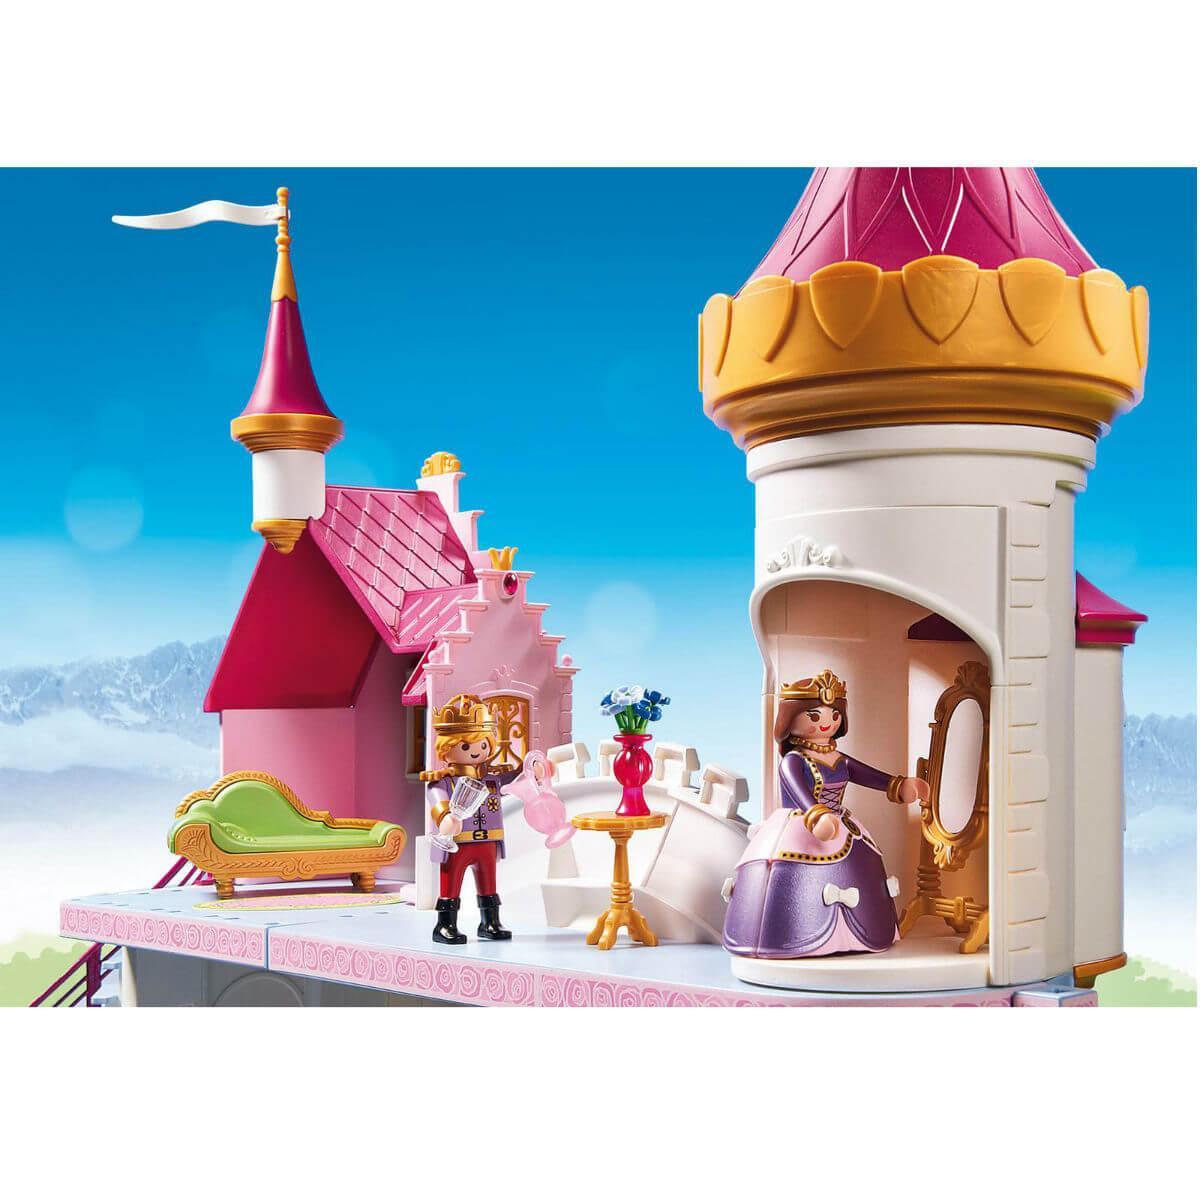 Конструктор Playmobil Замок Принцессы: Королевская Резиденция - фото 4